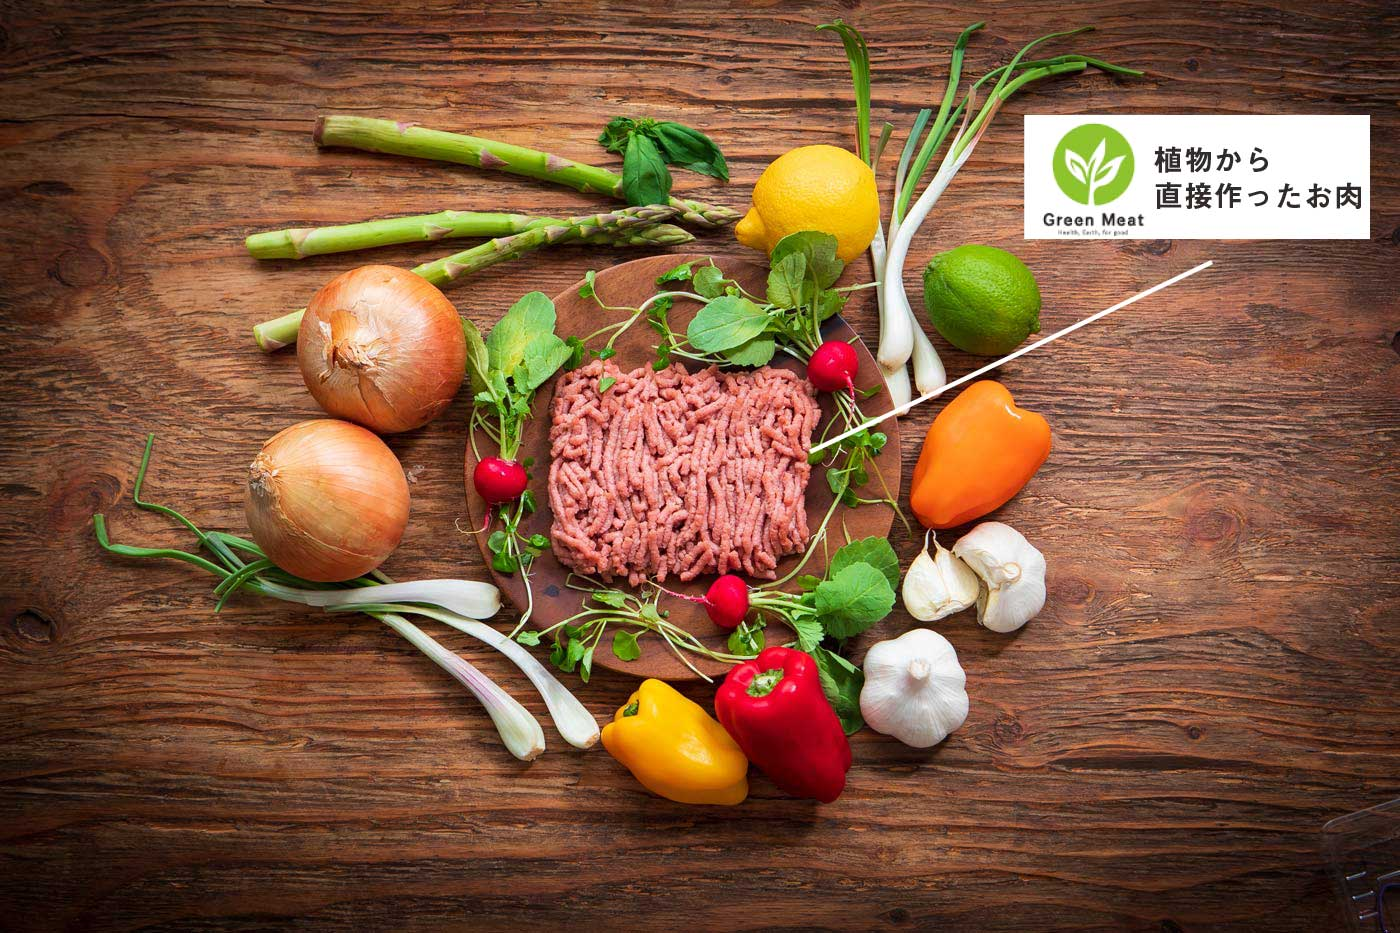 食品とTechnologyを組み合わせた具体的解決策